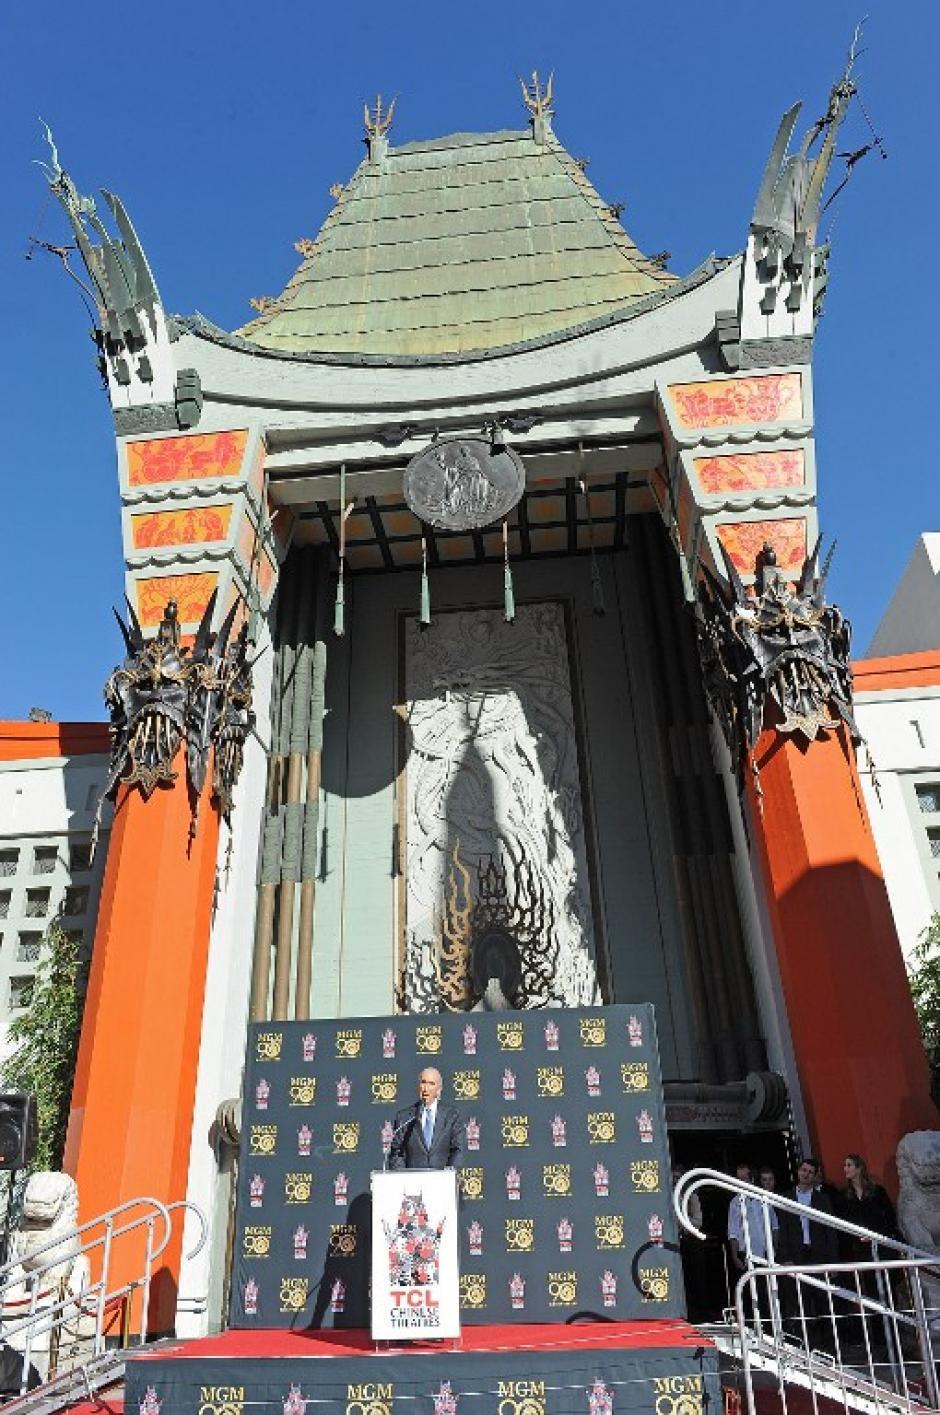 El Teatro Chino de Hollywood vistió sus mejores galas para el acontecimiento. Al centro el presidente de la compañía Gary Barber. Foto AFP